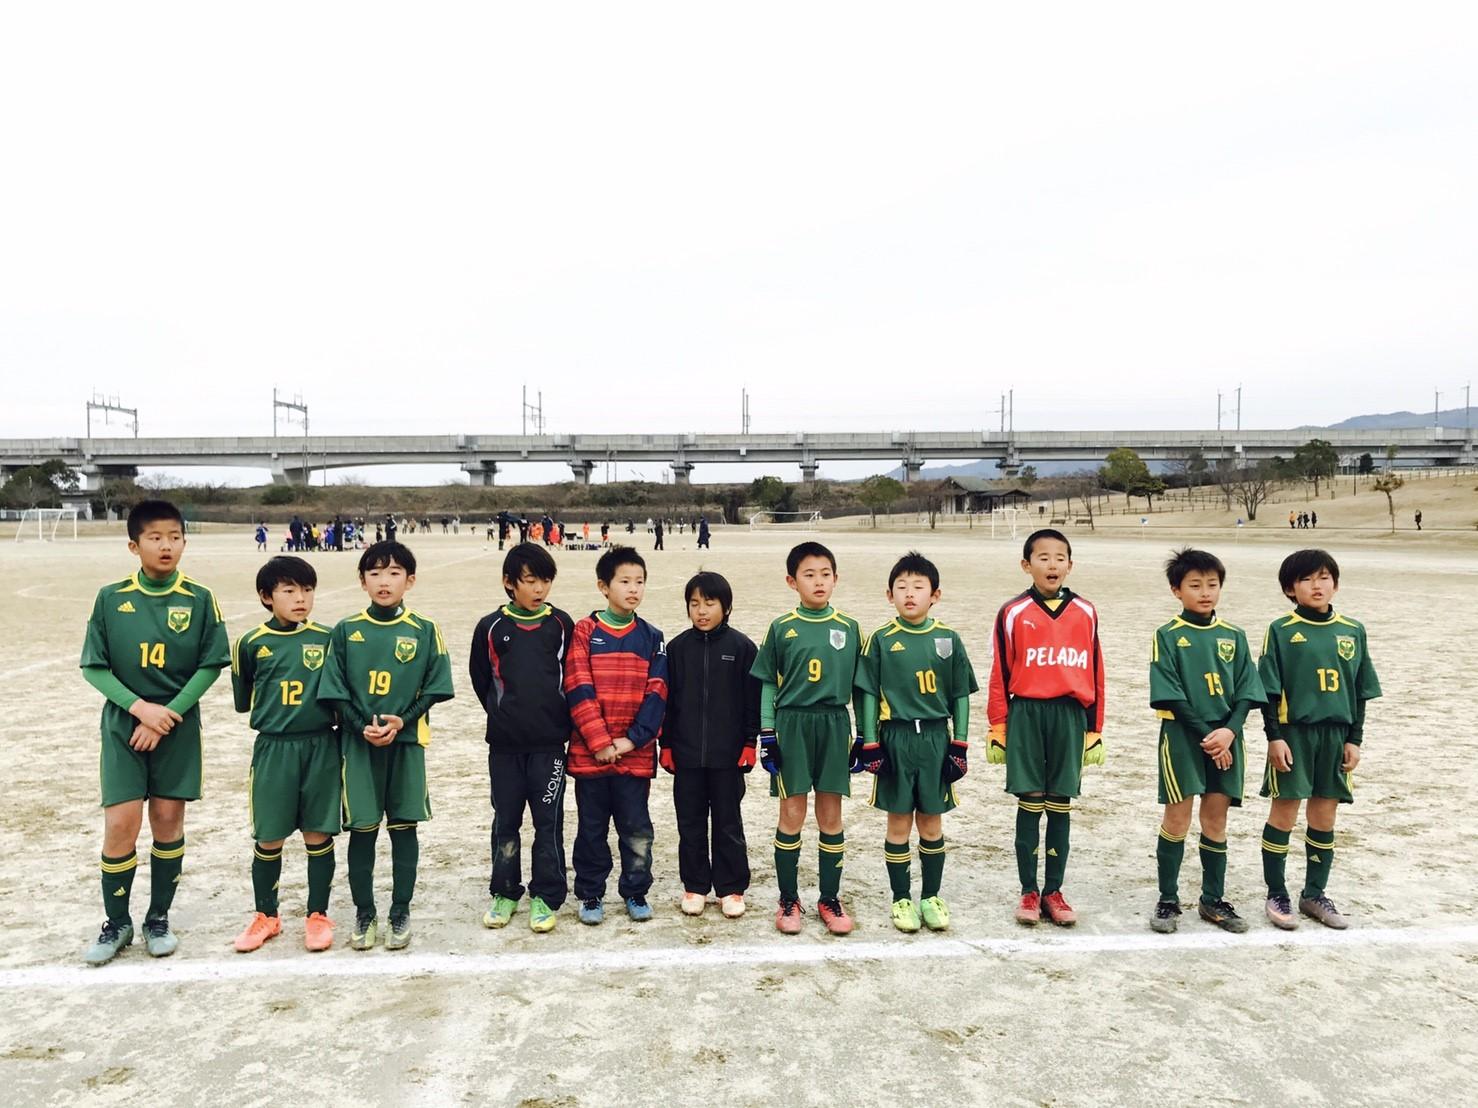 福岡少年サッカー応援団チームブログ情報